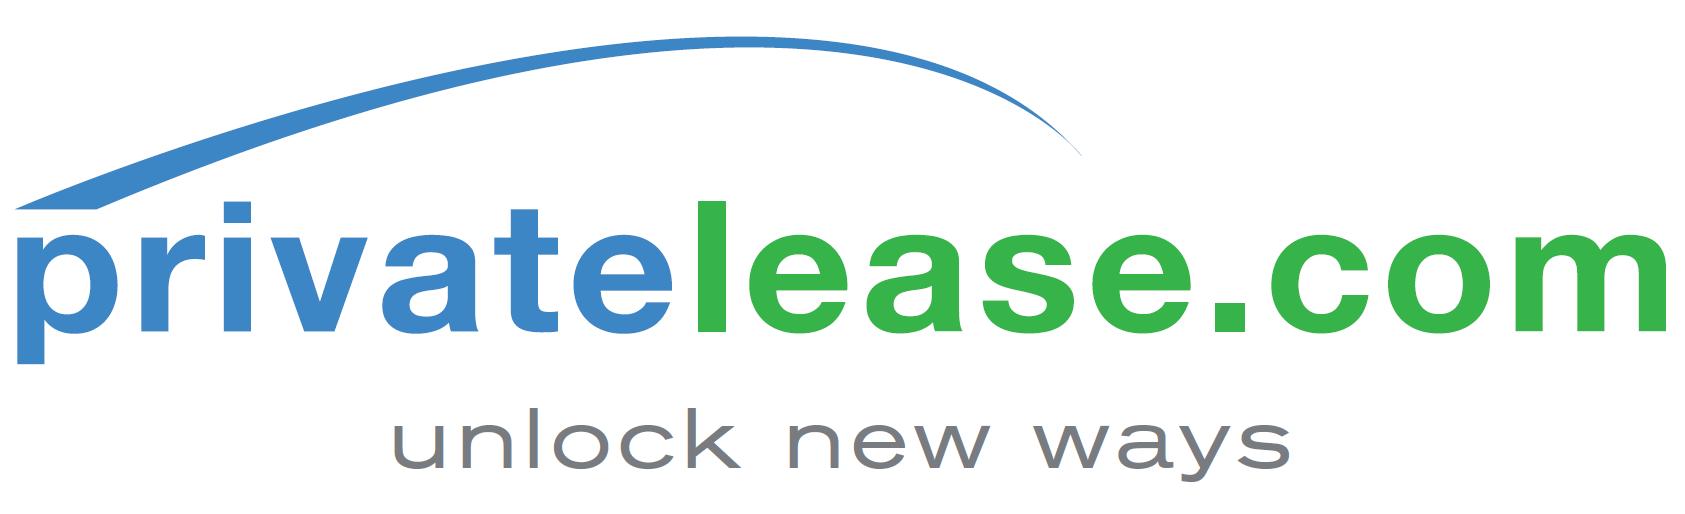 Logo Privatelease.com - unlock